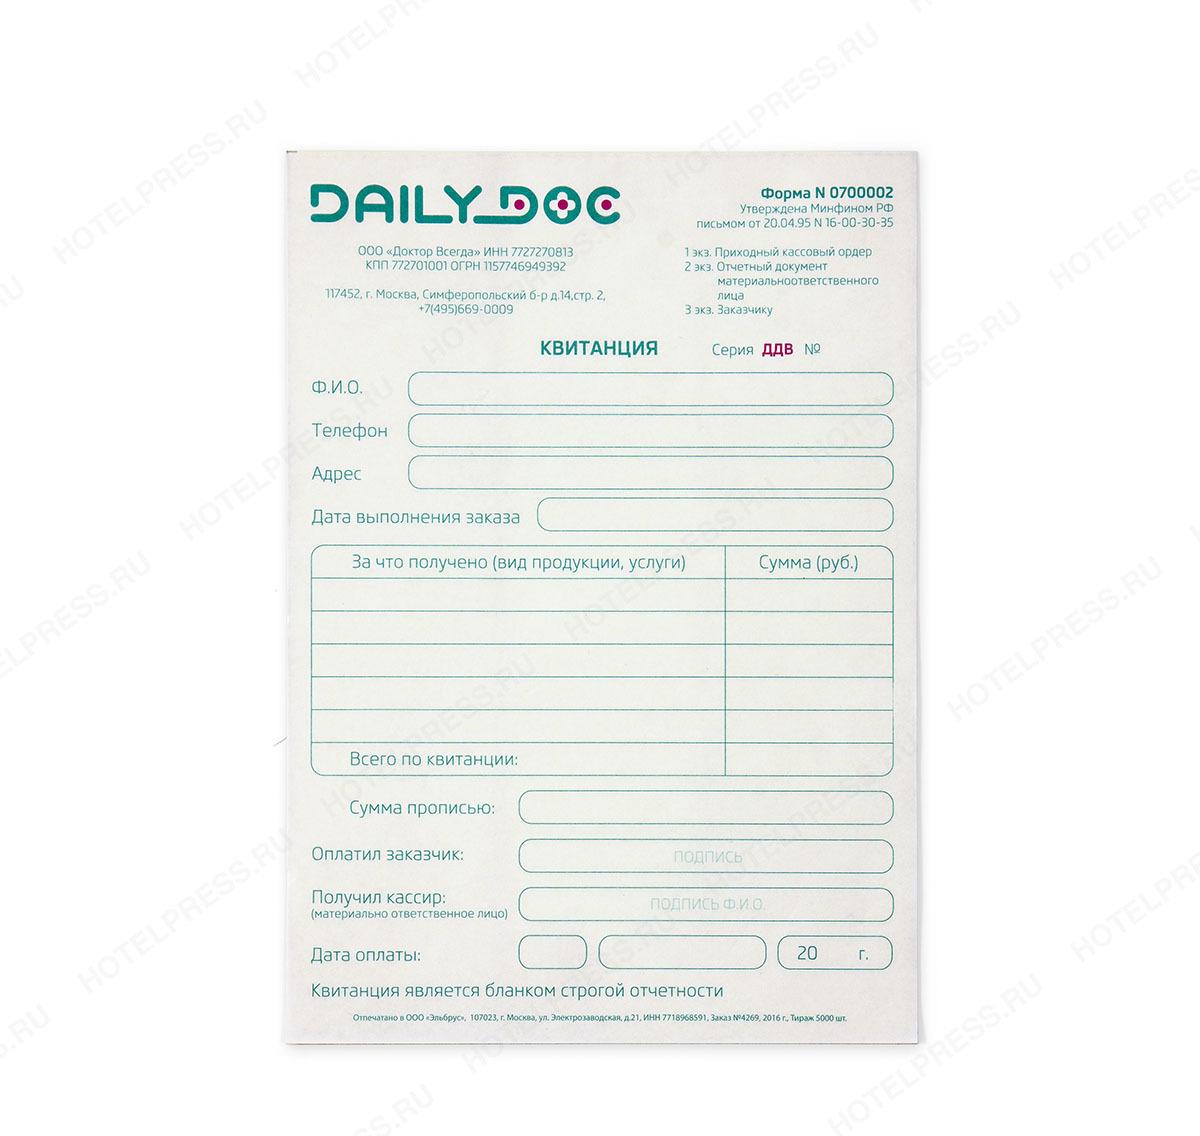 Самокопирующаяся квитанция на оплату медицинских услуг